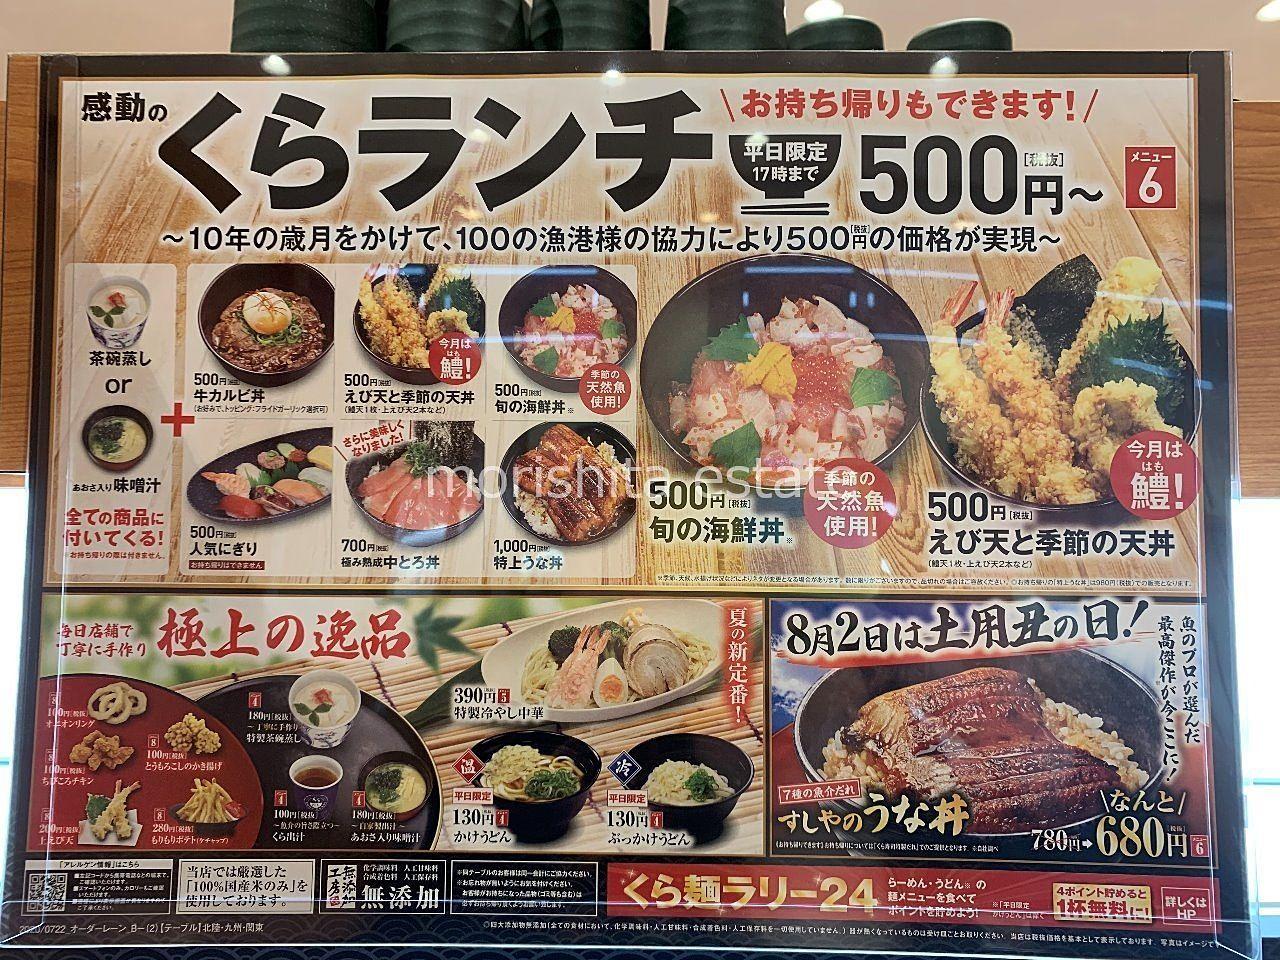 くら寿司 回転寿司 新規開店 フレスポ住吉 メニュー 写真